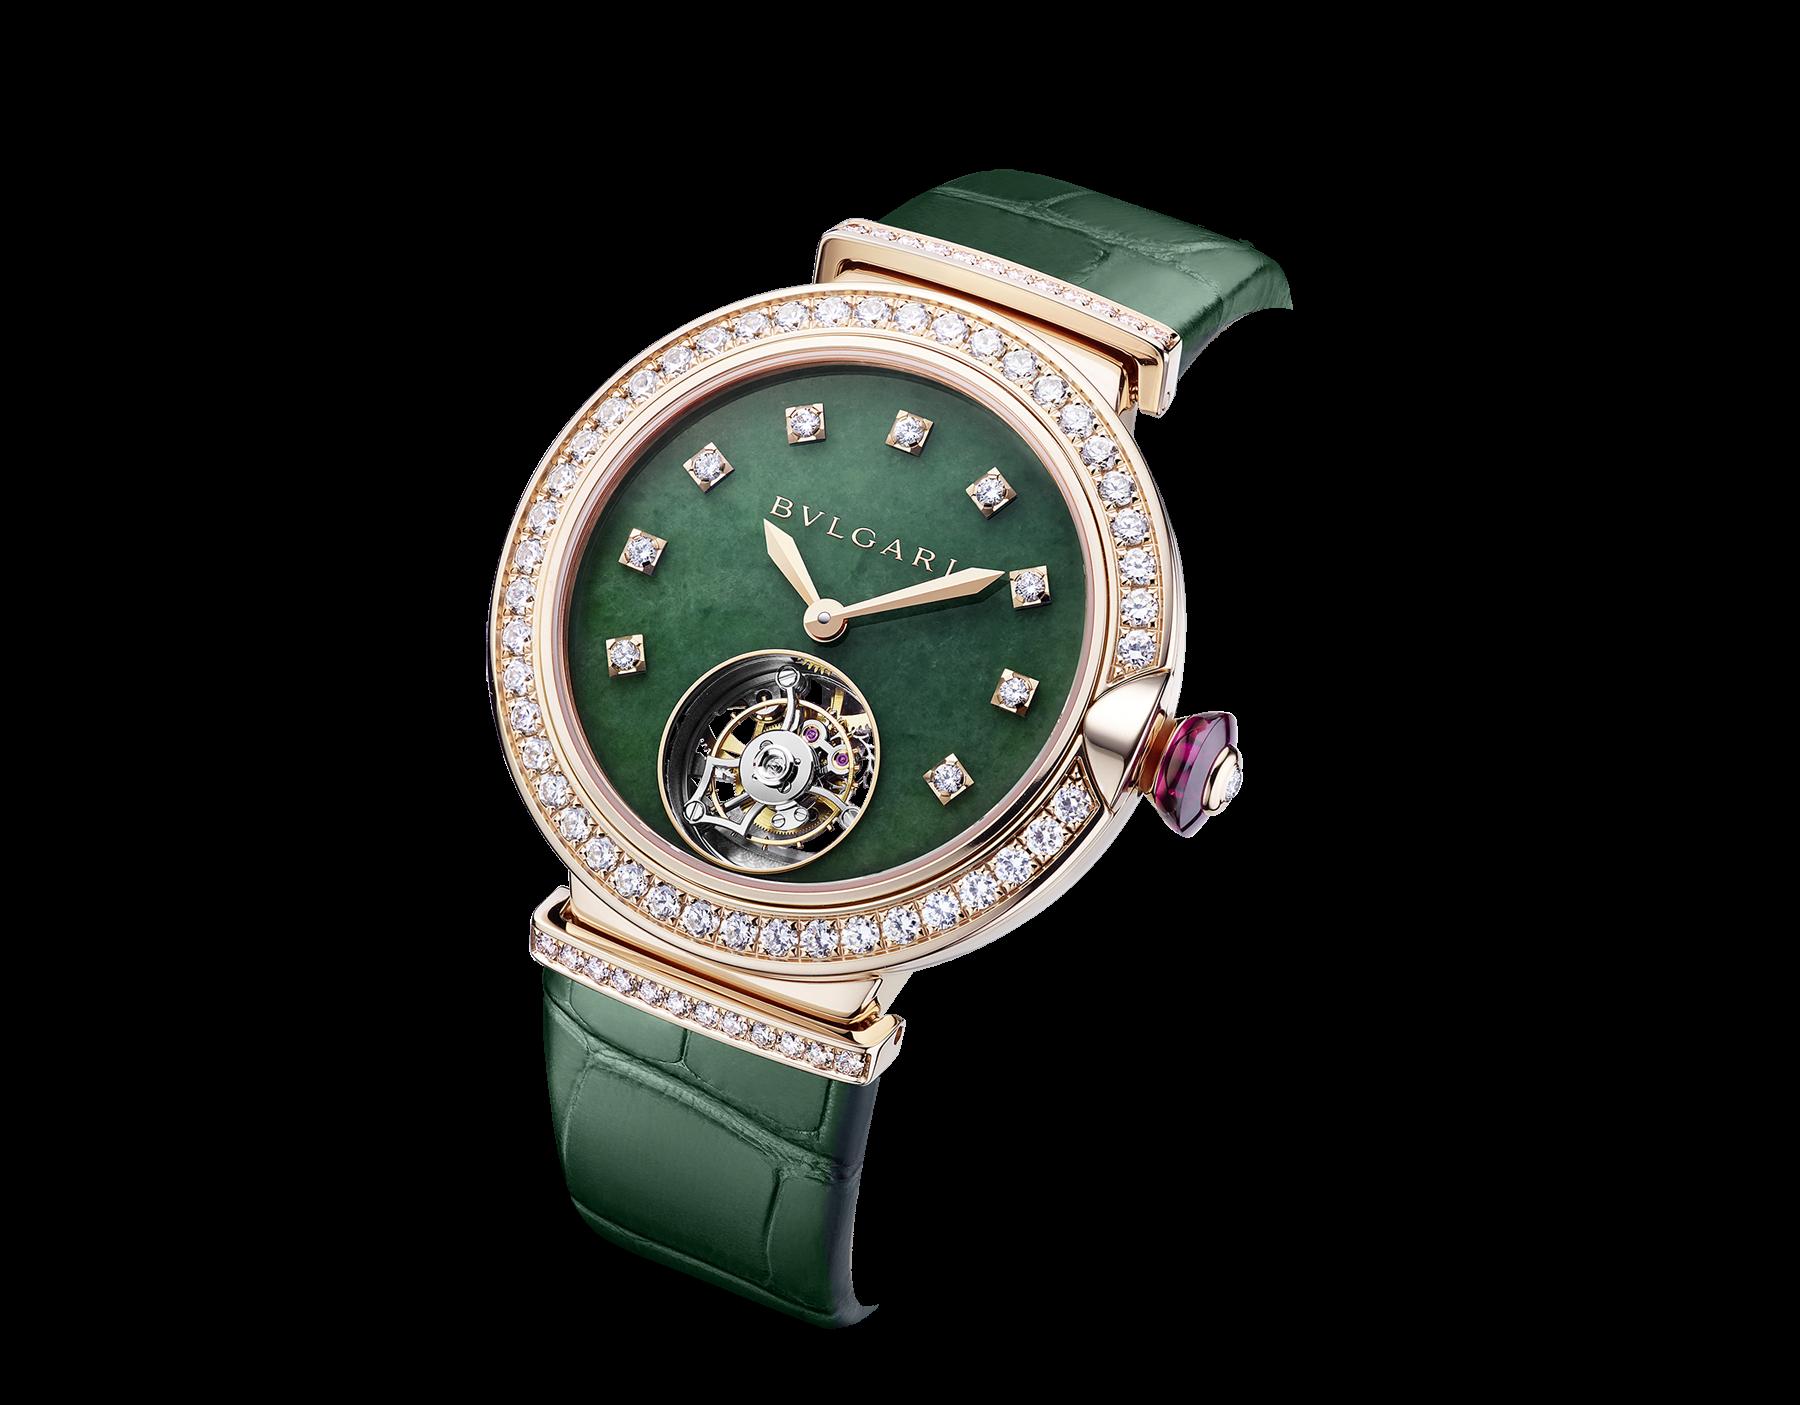 LVCEA Tourbillon 腕錶搭載機械機芯,自動上鍊,鏤空陀飛輪。18K 玫瑰金錶殼鑲飾鑽石,翡翠錶盤,綠色鱷魚皮錶帶。 102693 image 2